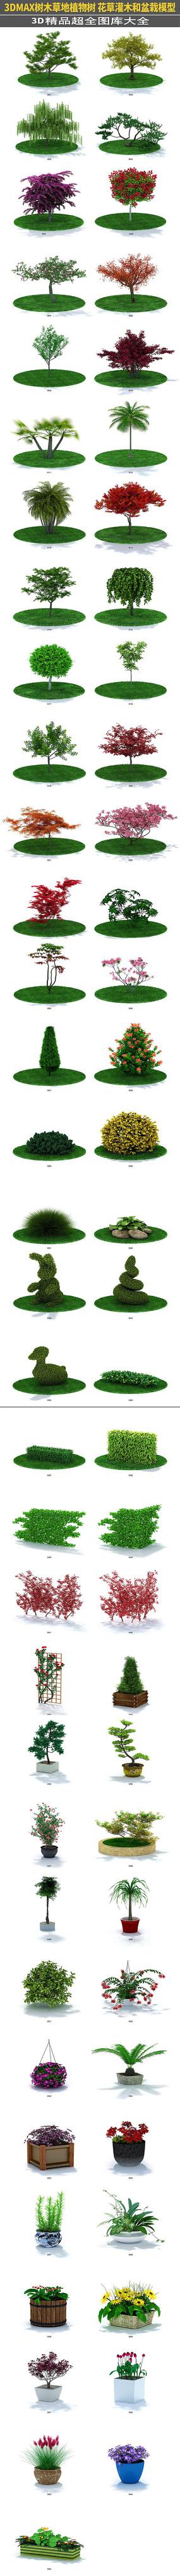 草地植物树园林园艺盆栽3d模型图集